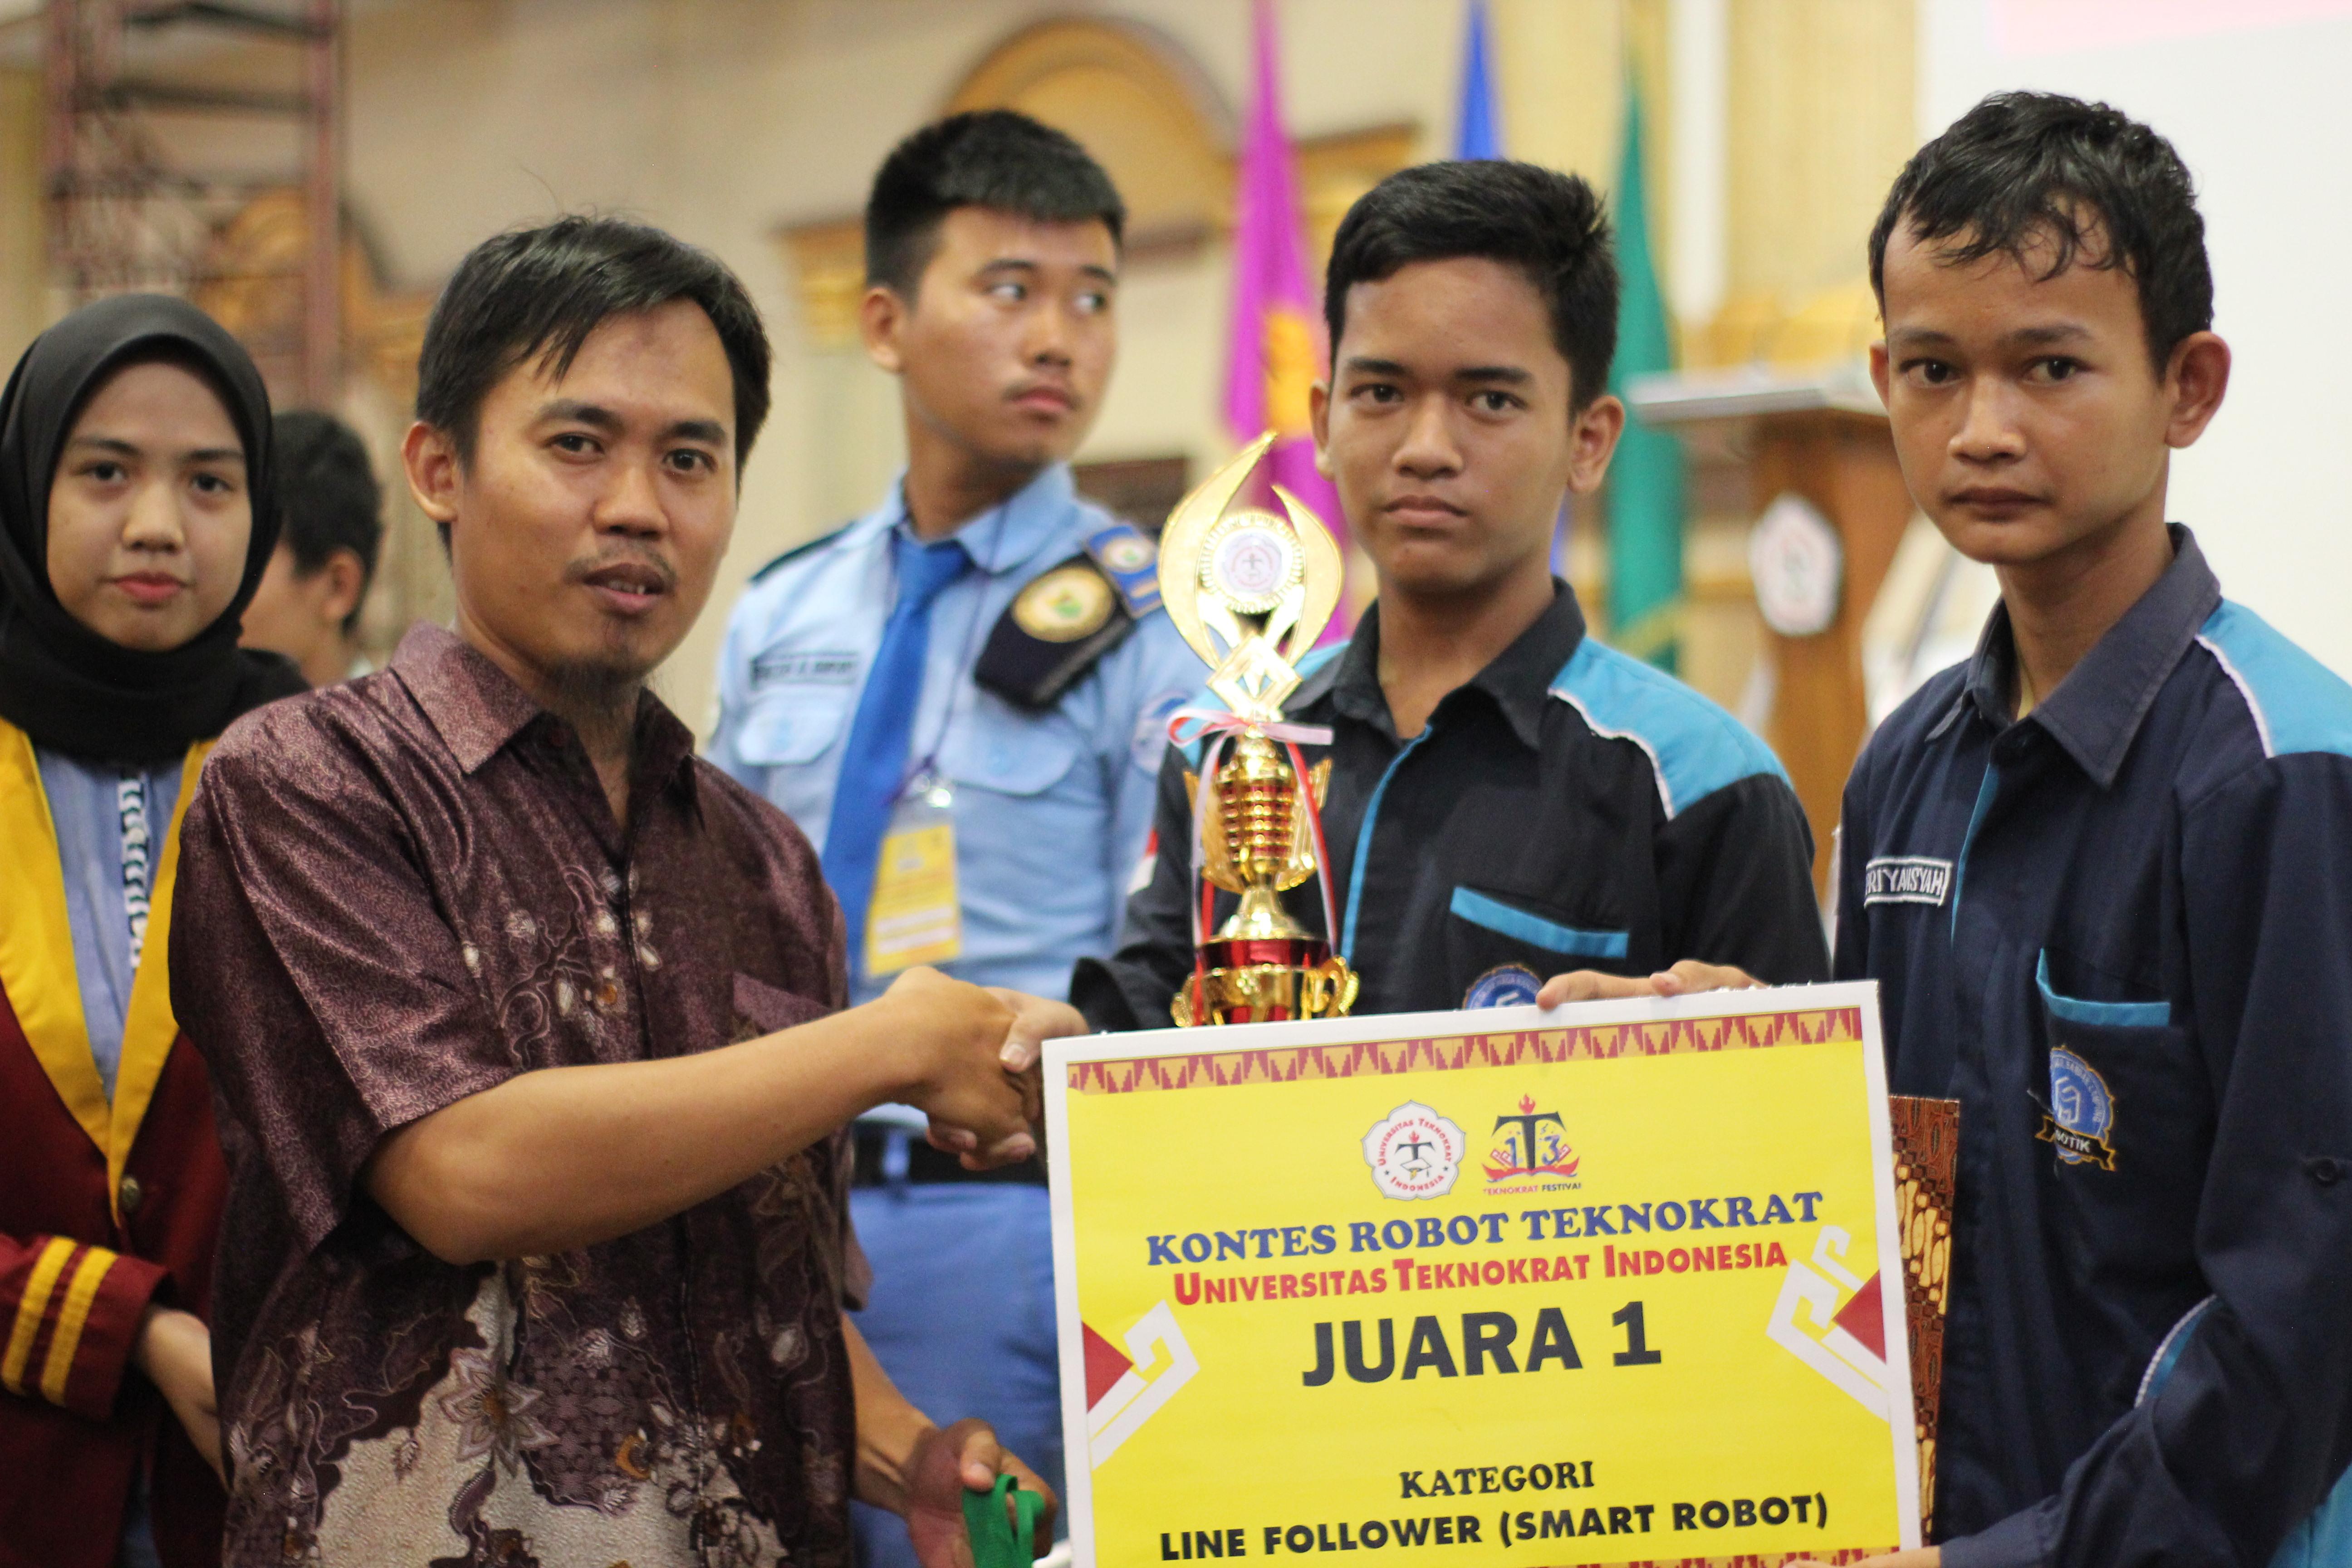 Juara 1 Smart Robot